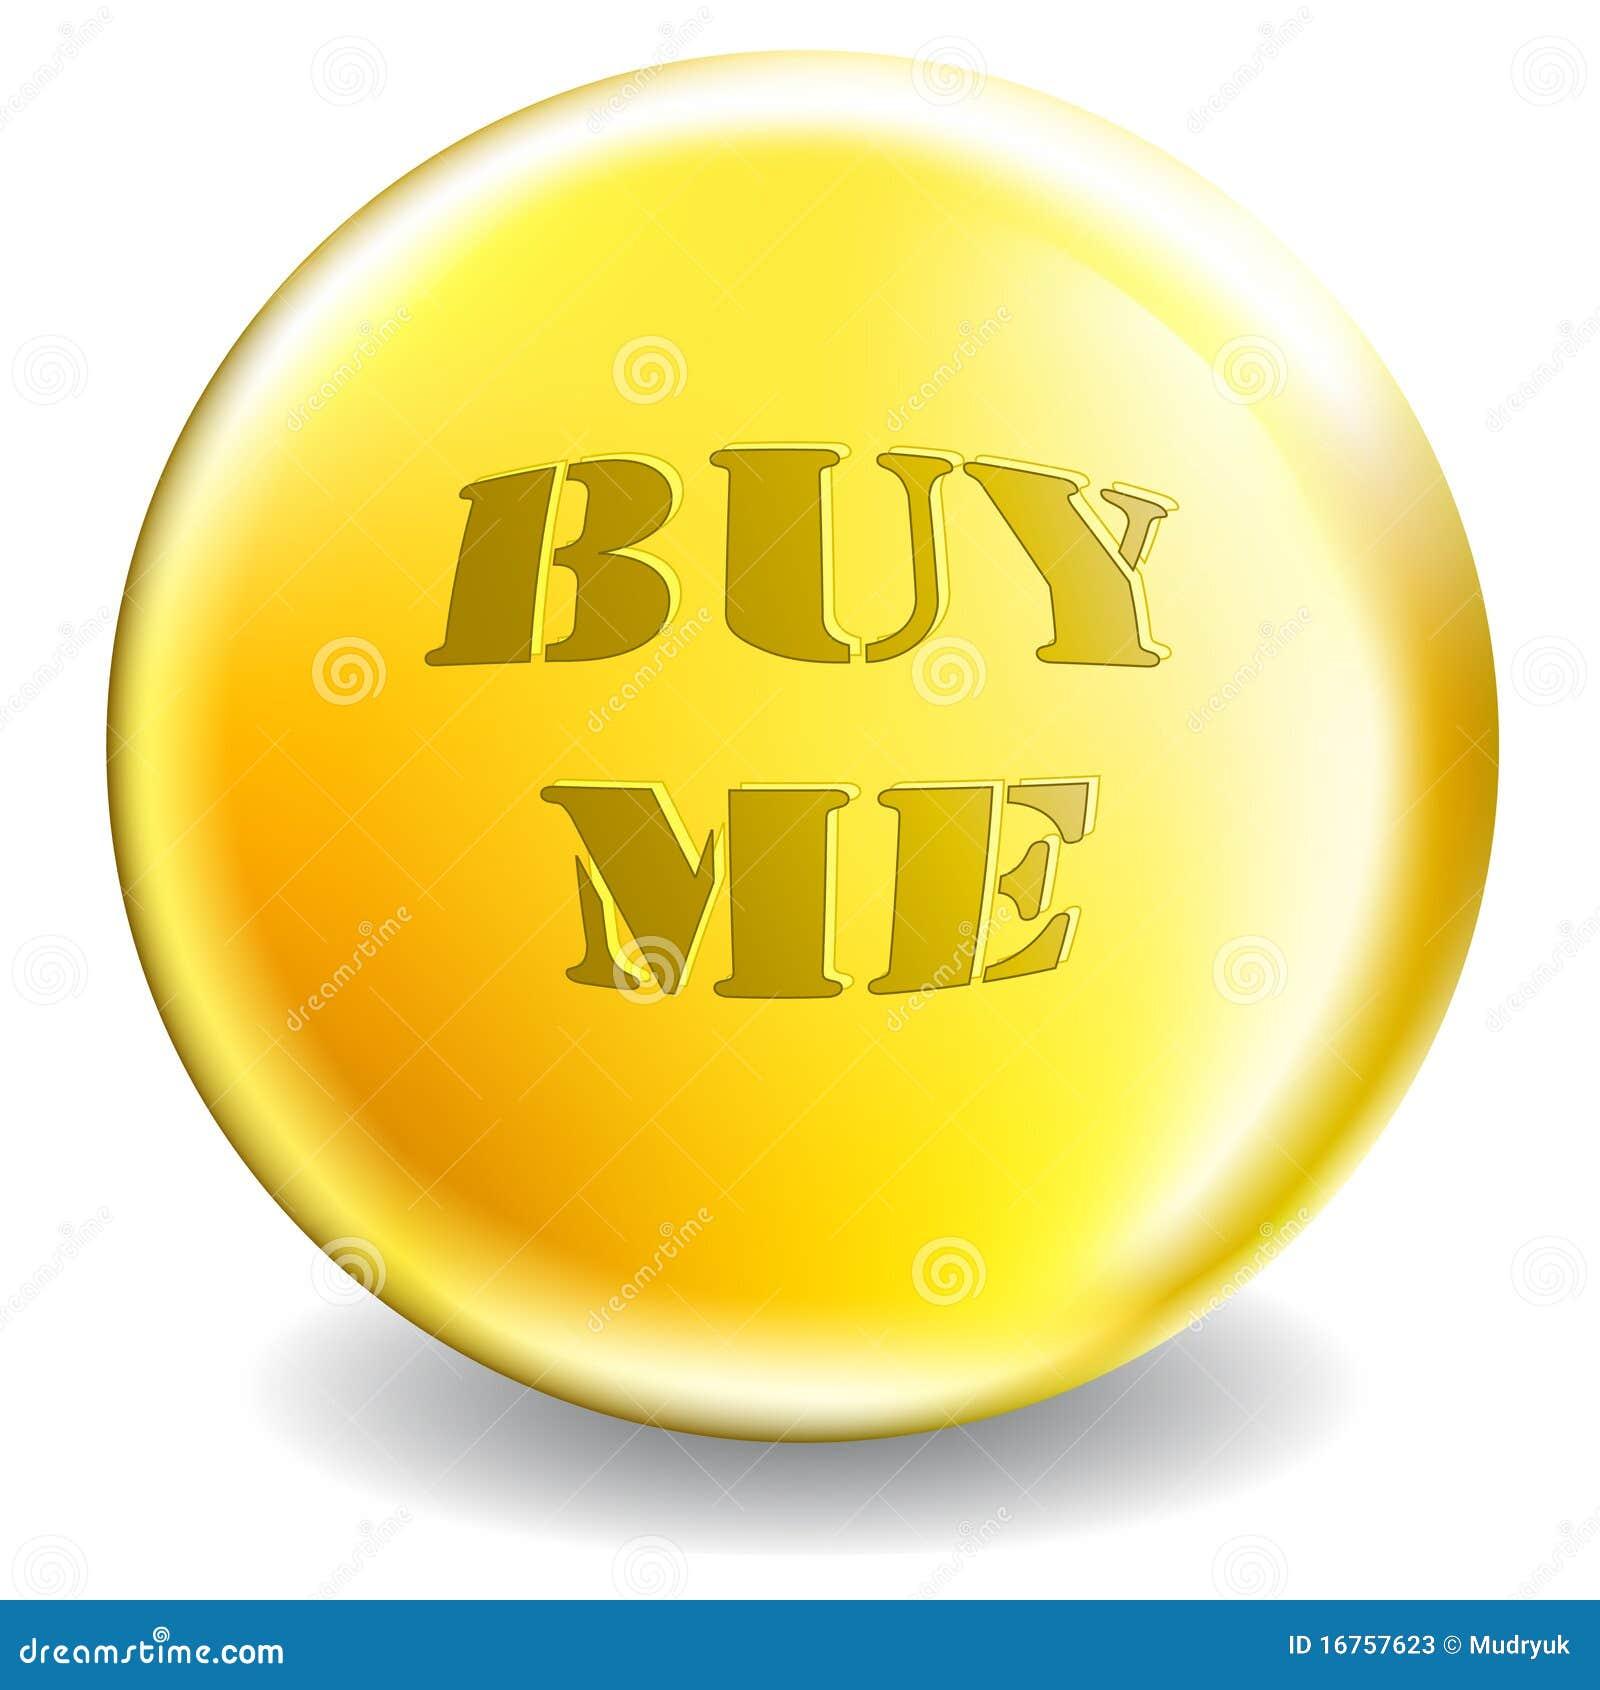 Buy Me: Buy Me Button Stock Photos